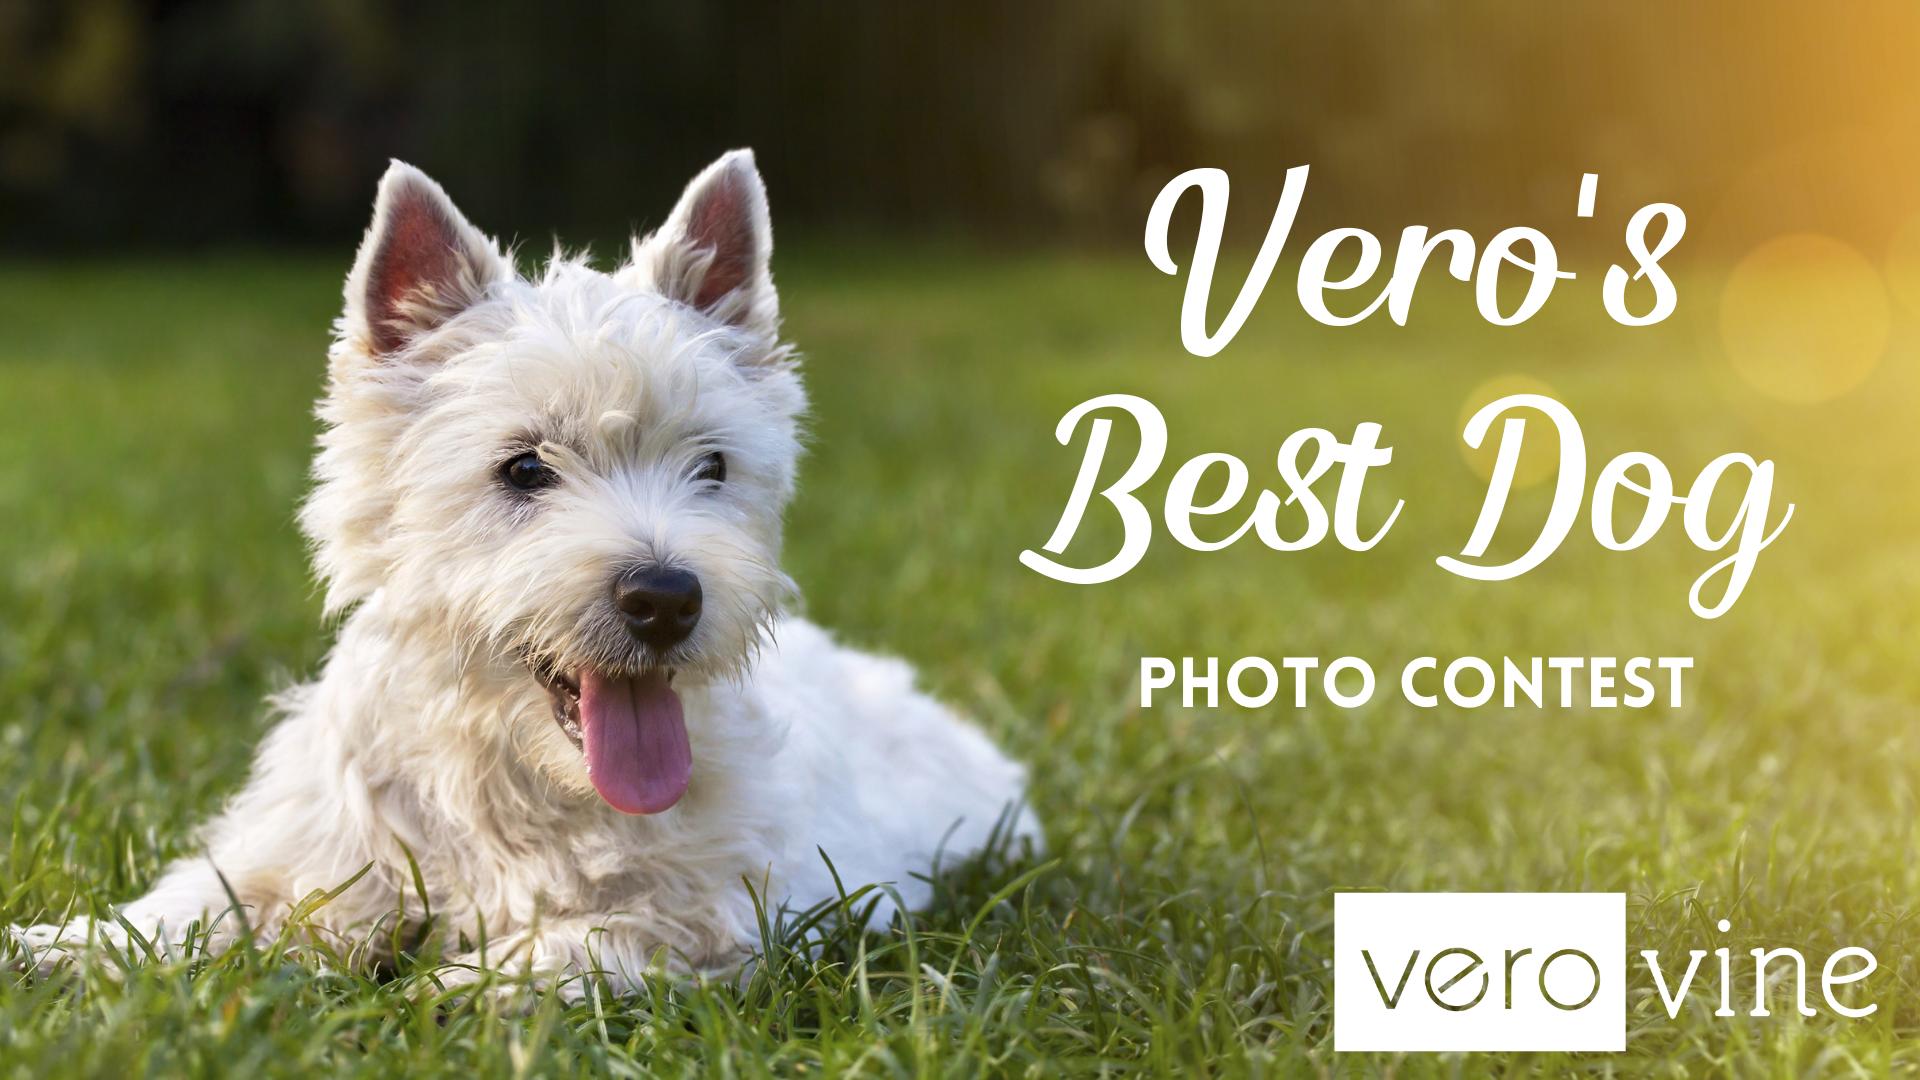 Vero's Best Dog Photo Contest 2021